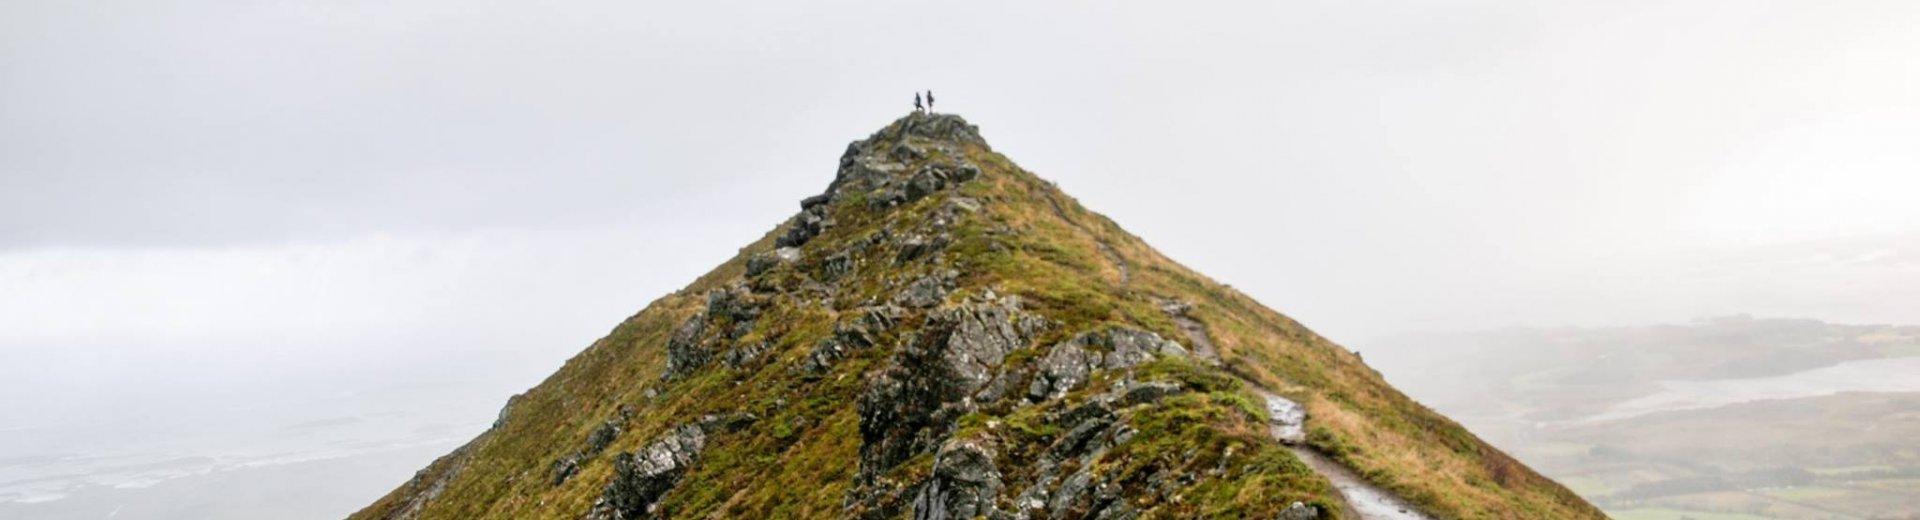 Molde Fjell 1